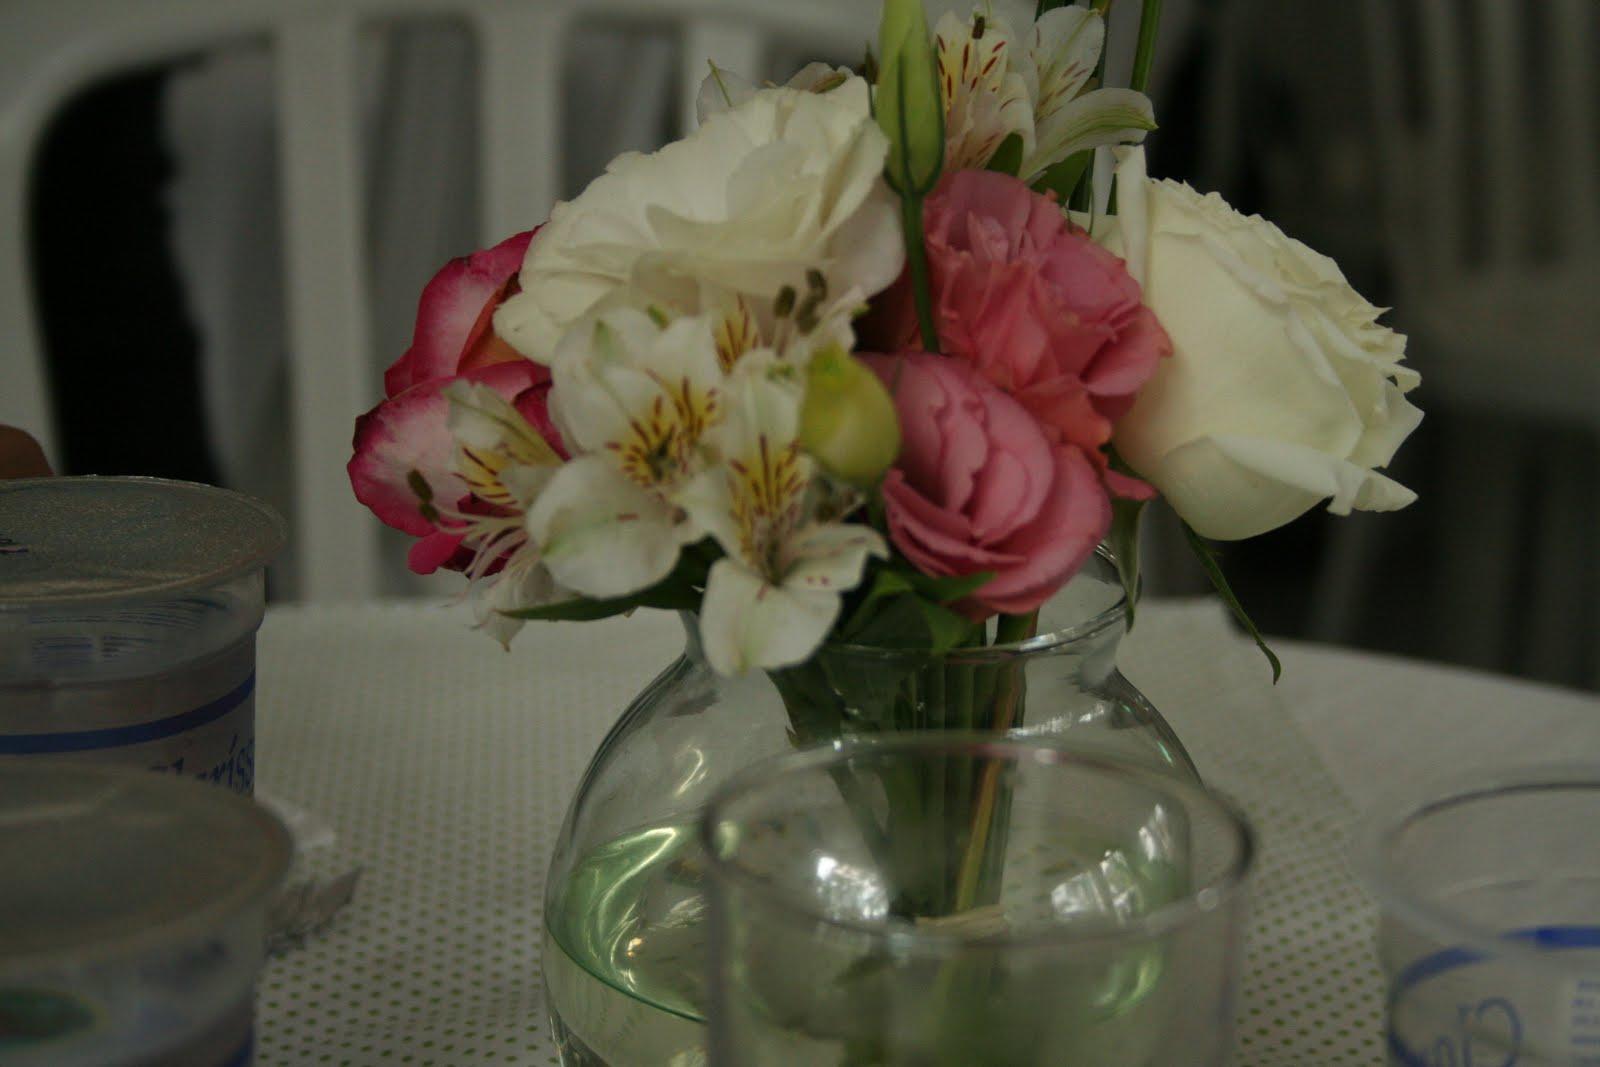 Galeria de fotos com imagens de nossos eventos ICI Flores - Imagens De Arranjos De Flores Para Casamento